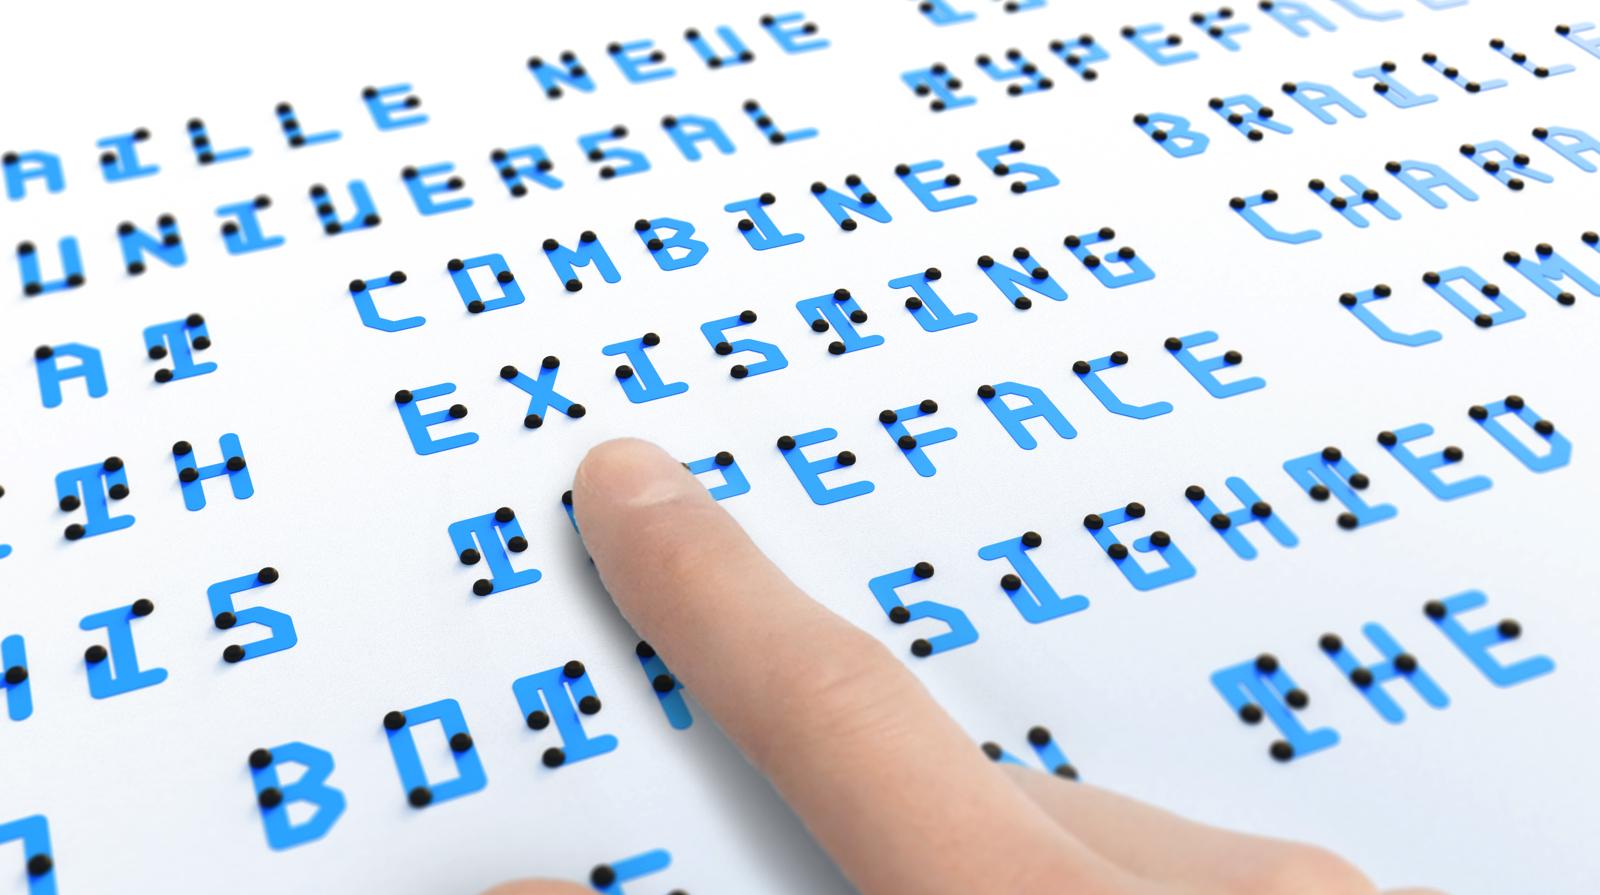 Ce designer a créé une police qui combine braille et écriture traditionnelle